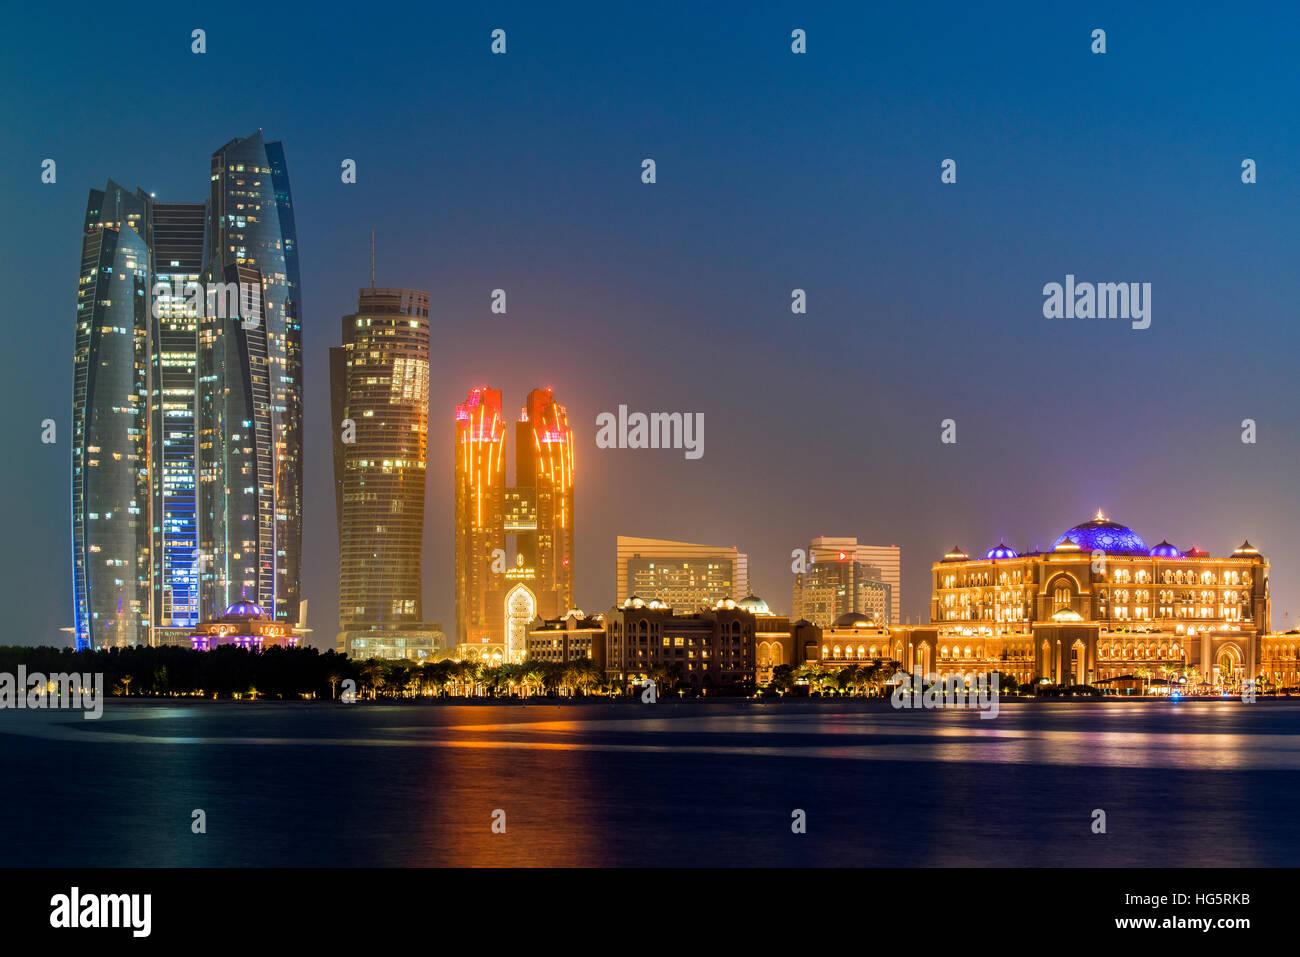 CIty skyline at twilight with Etihad Towers and Emirates Palace Hotel, Abu Dhabi, United Arab Emirates - Stock Image